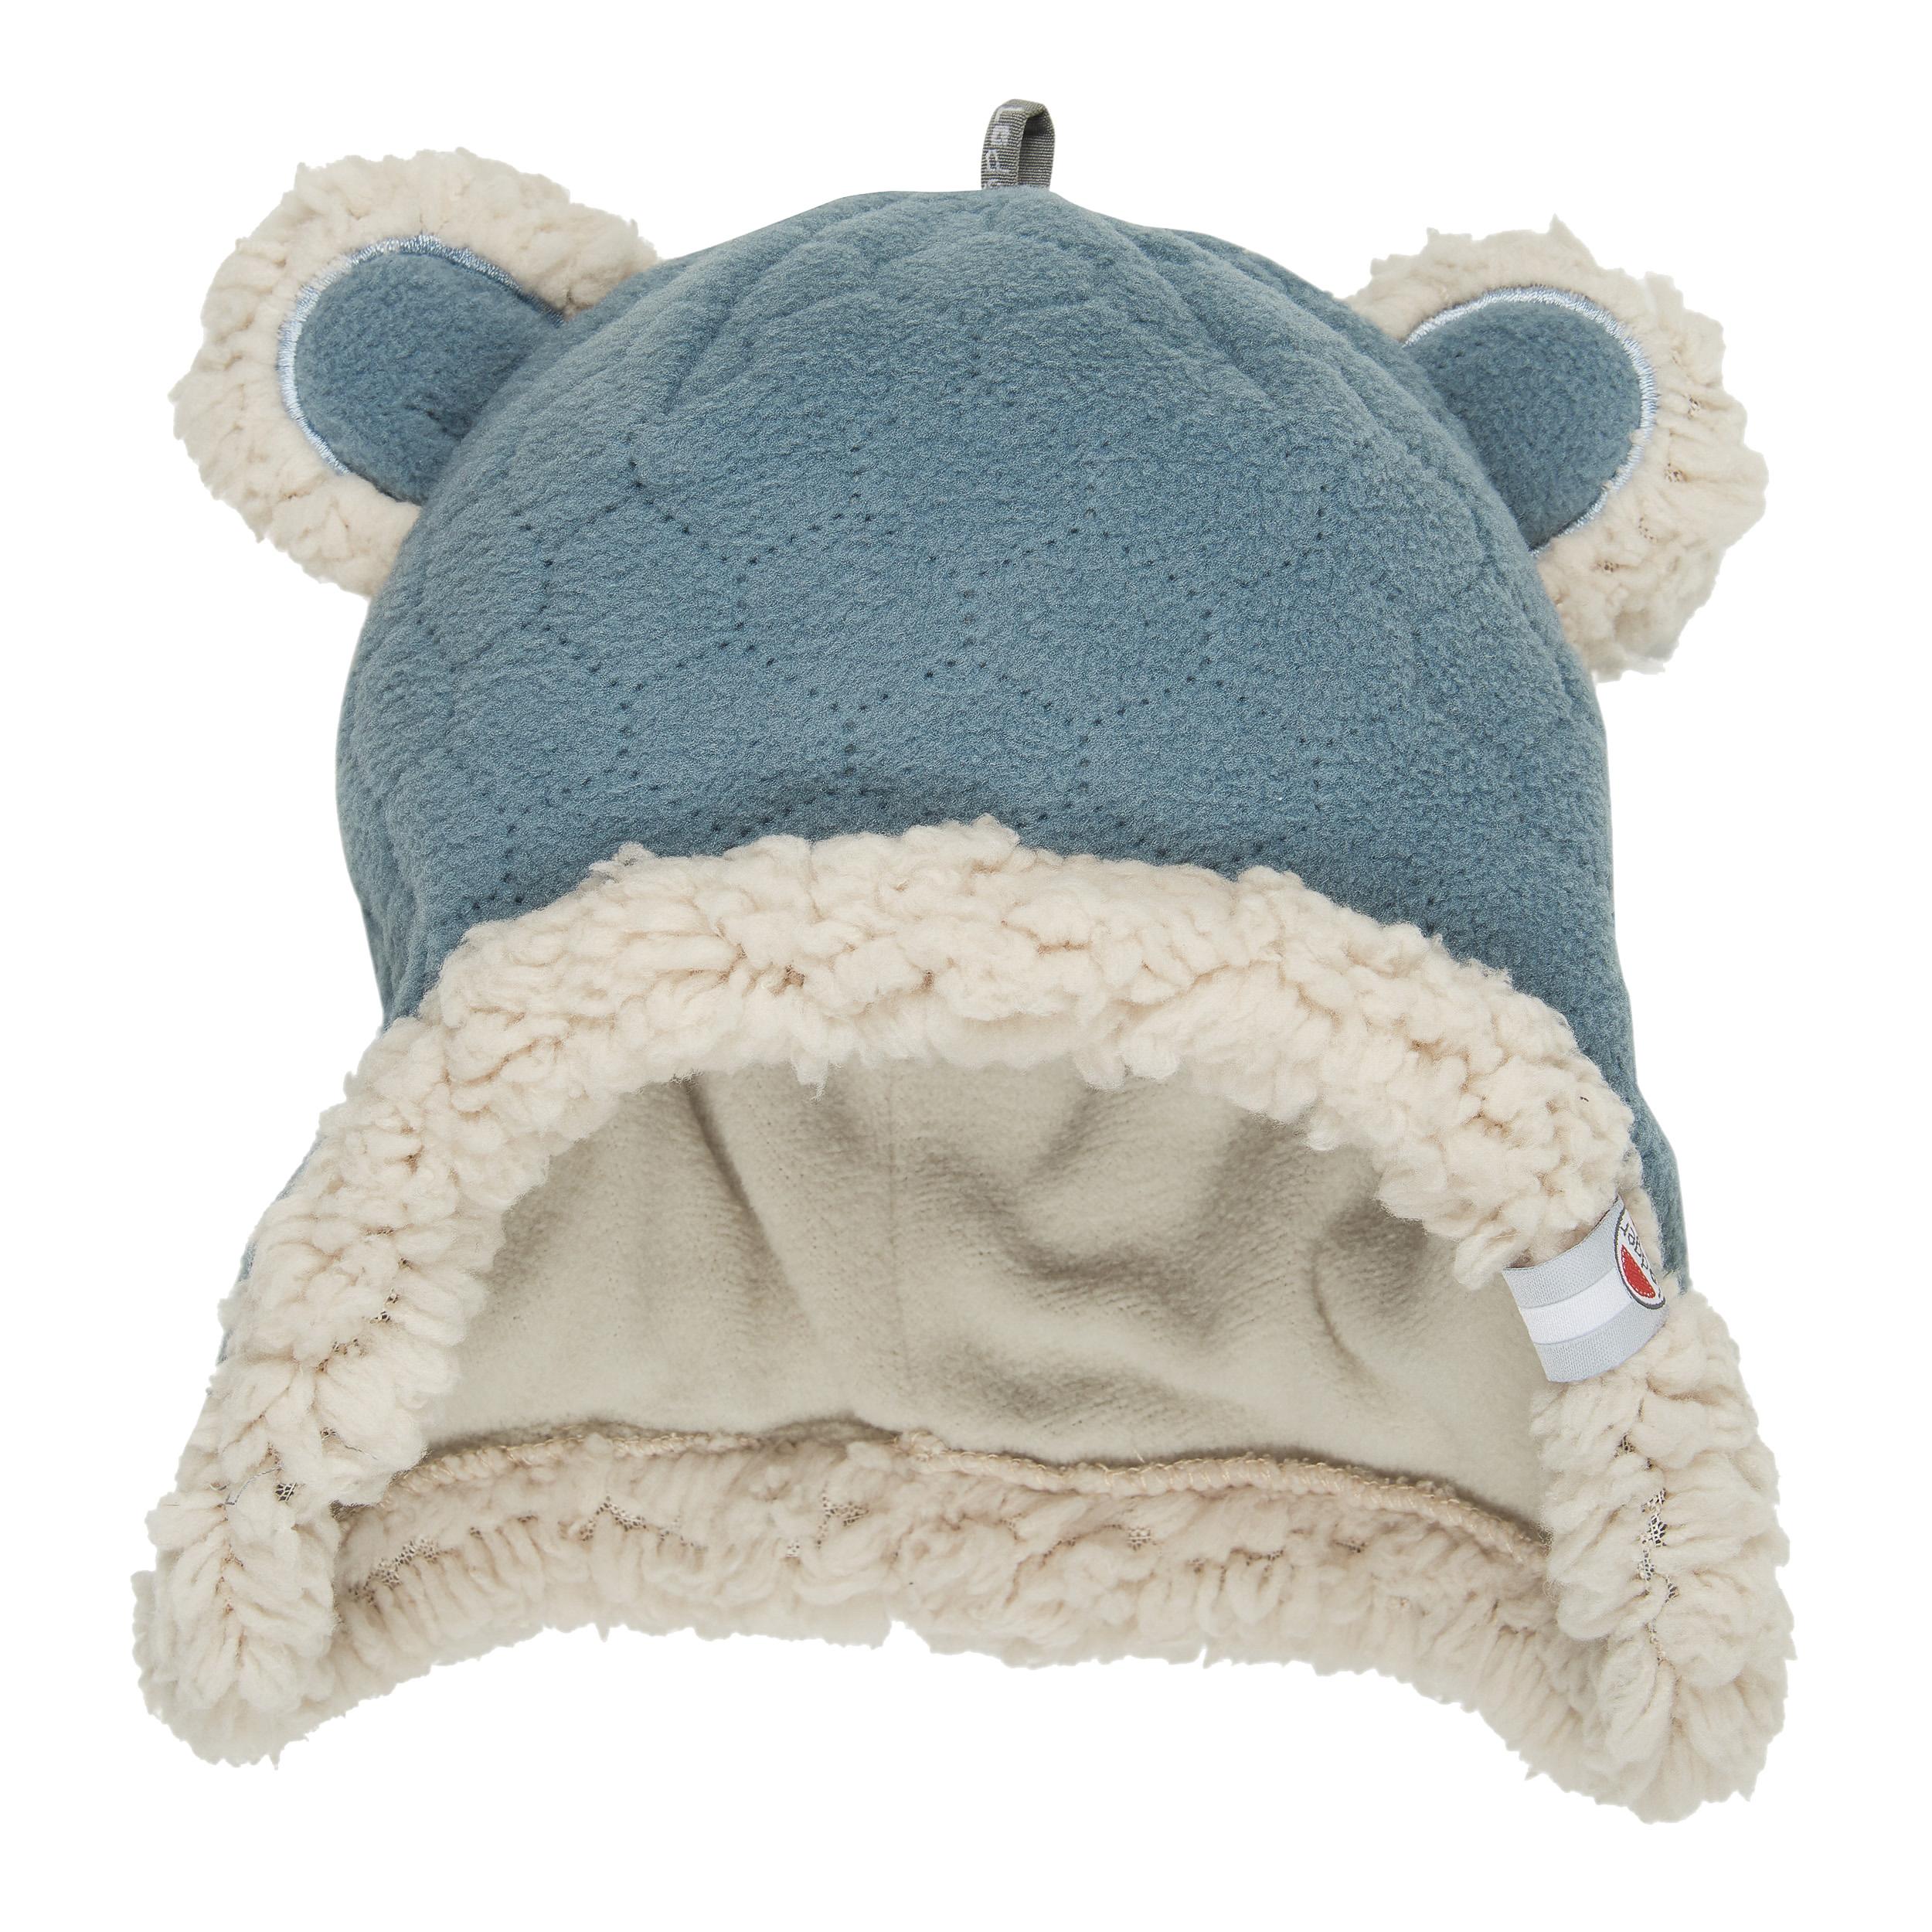 417da5c9149f Le Hatter de Lodger est un bonnet chaud pour bébé parfaitement ajusté  autour du cou et des oreilles. Pour les bébés à partir de 0-12M